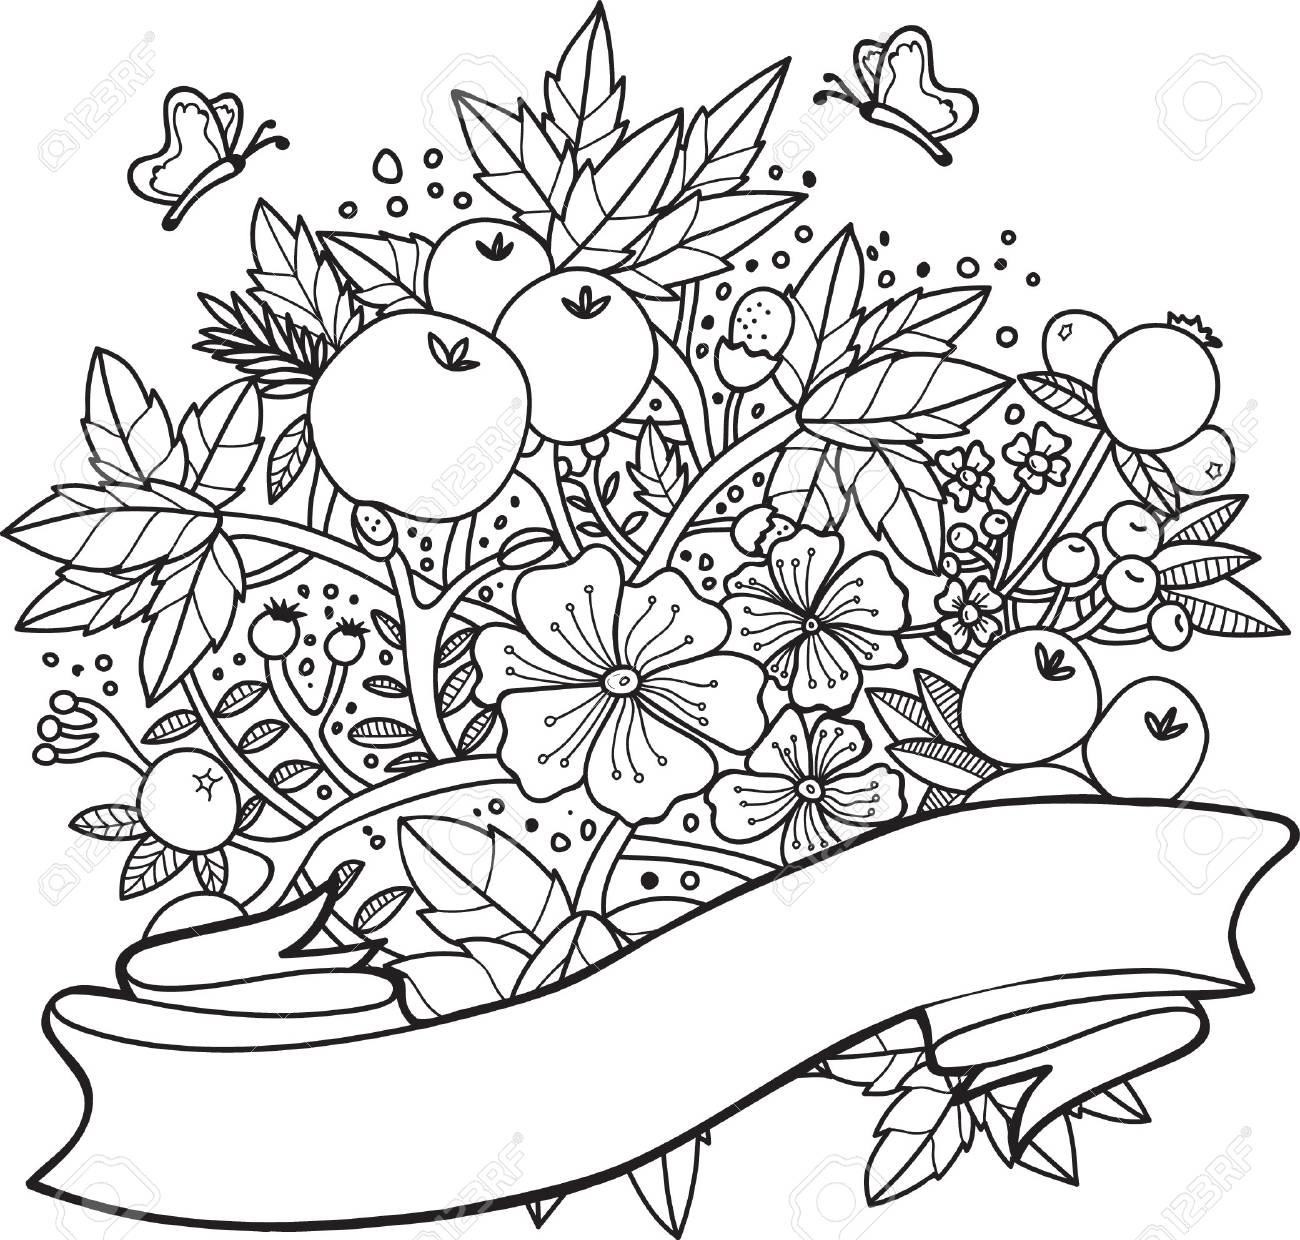 Diseño Intrincado De Flores Y Bayas Ilustraciones Vectoriales, Clip ...